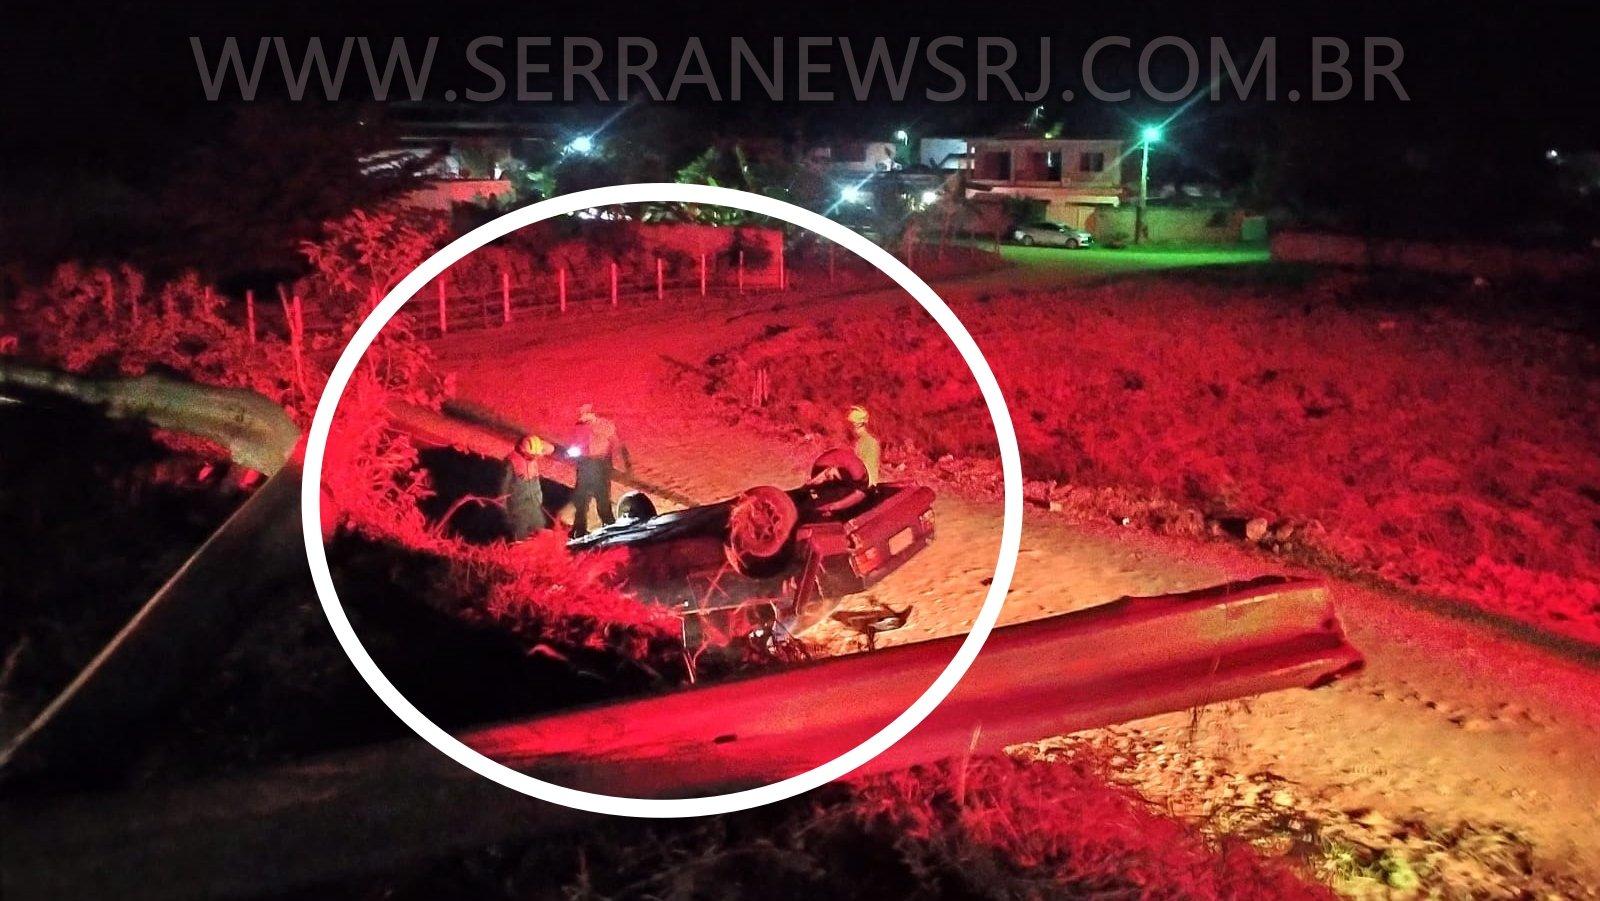 Acidente: Capotamento de carro deixa um ferido na RJ-116 em Aperibé